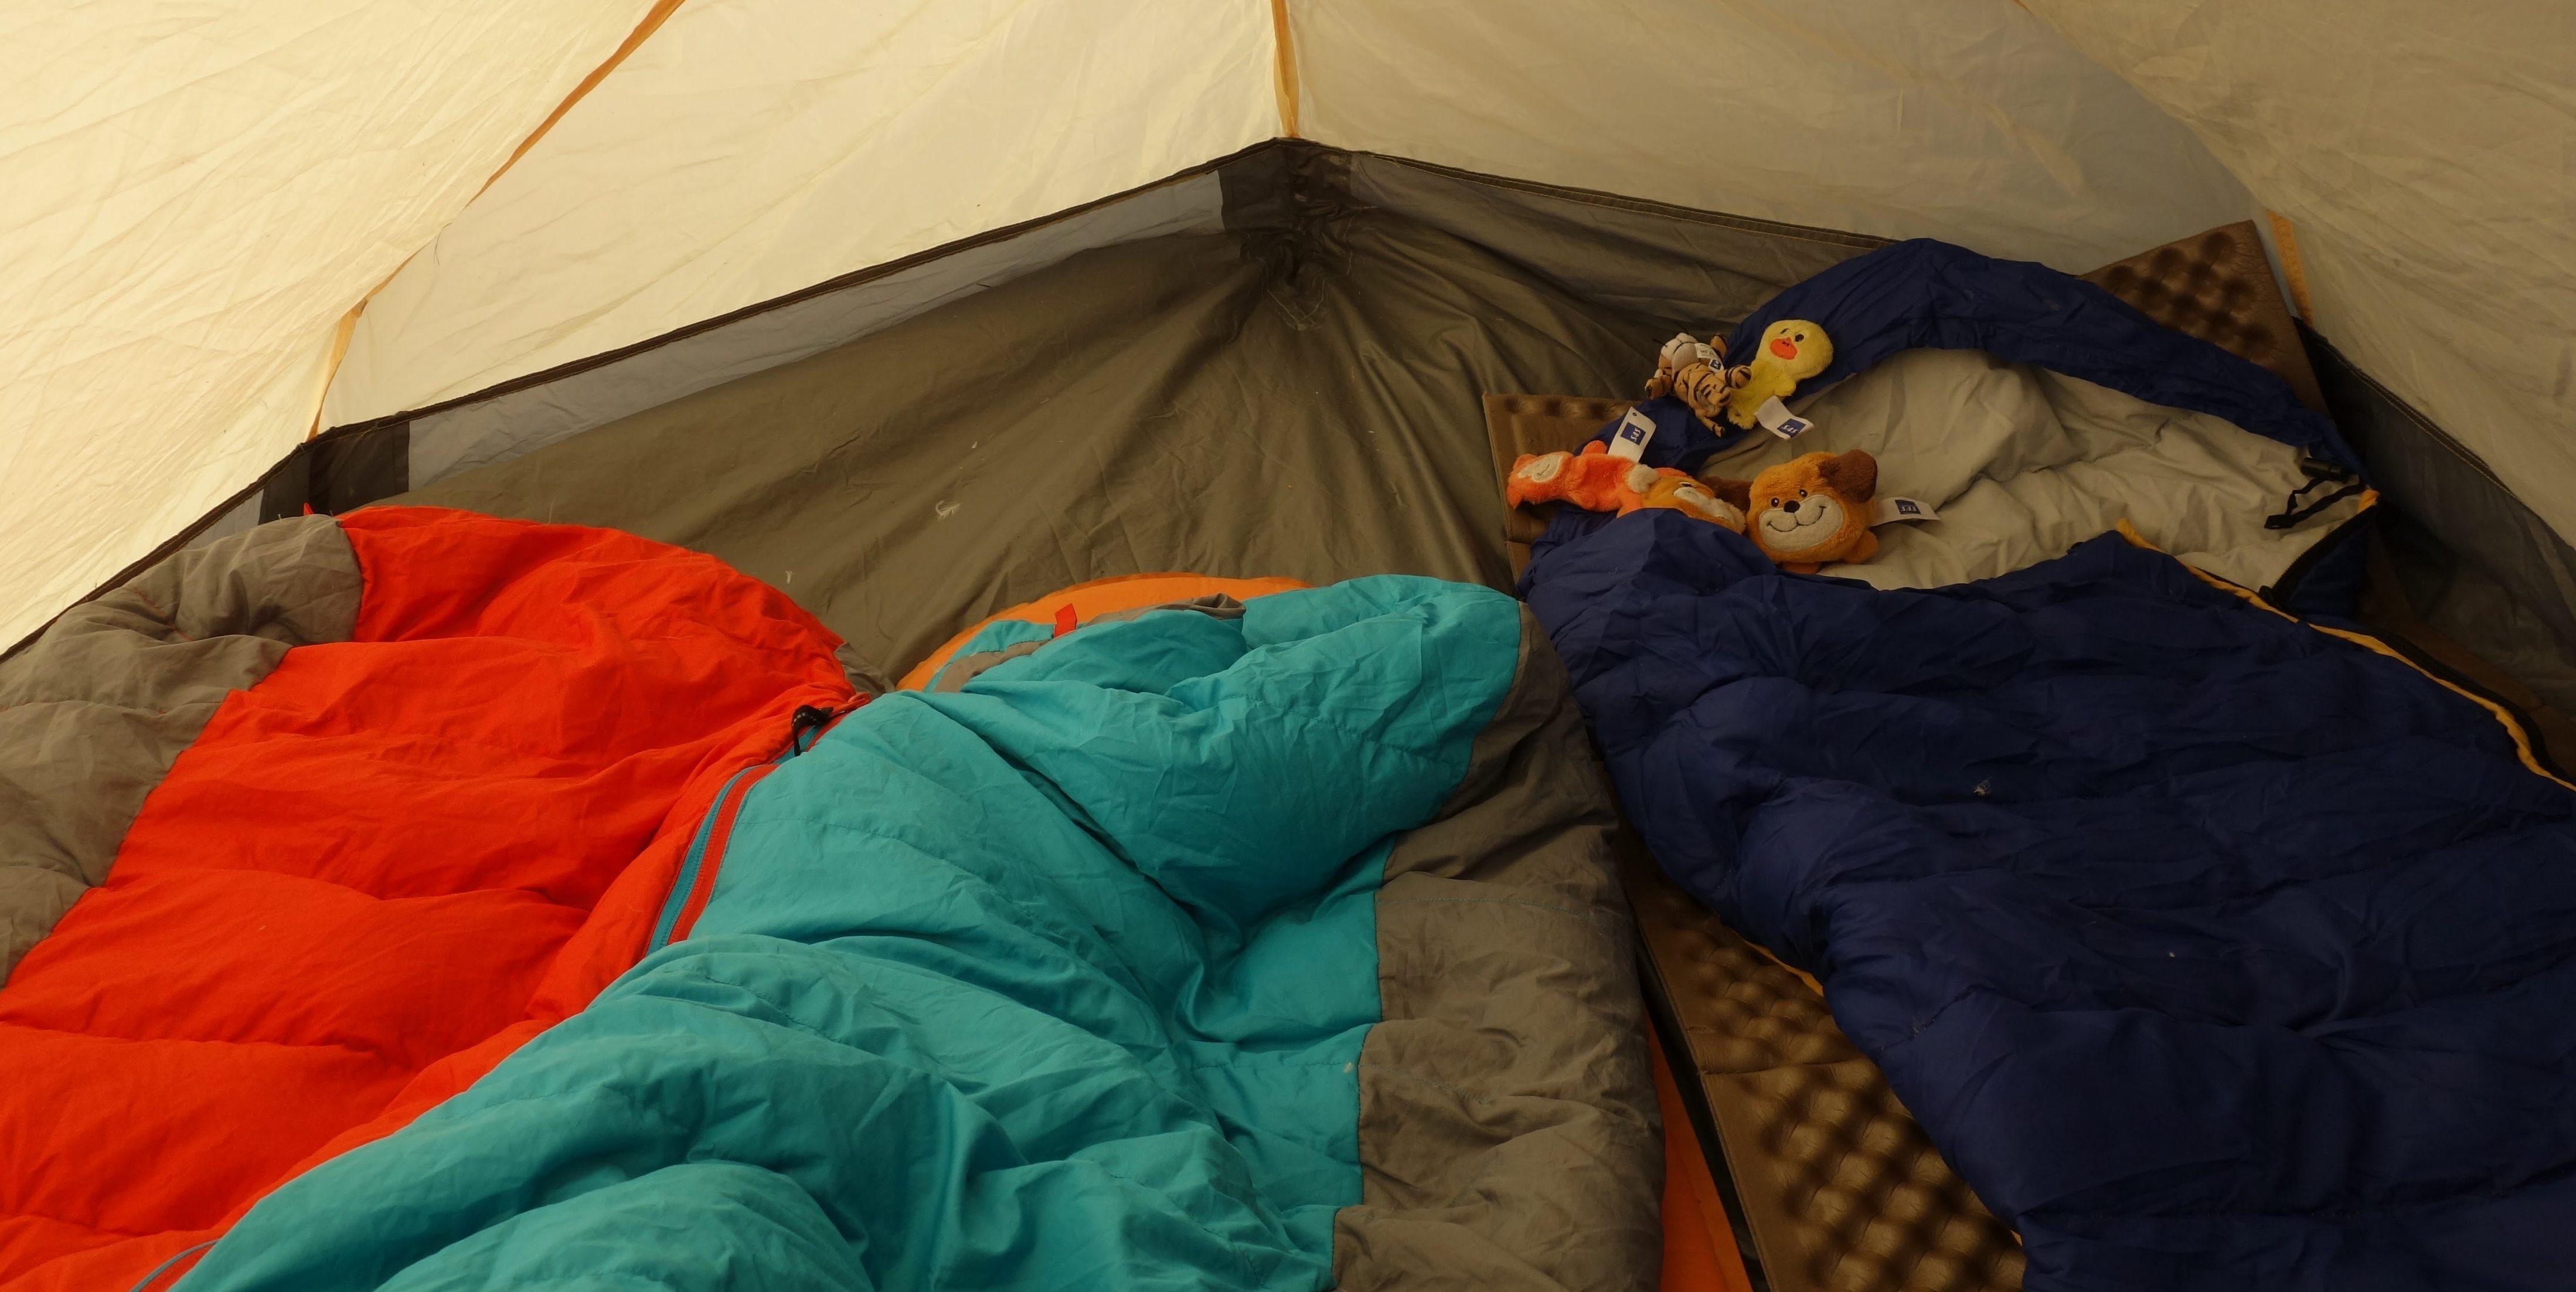 Schlafsäcke im Zelt